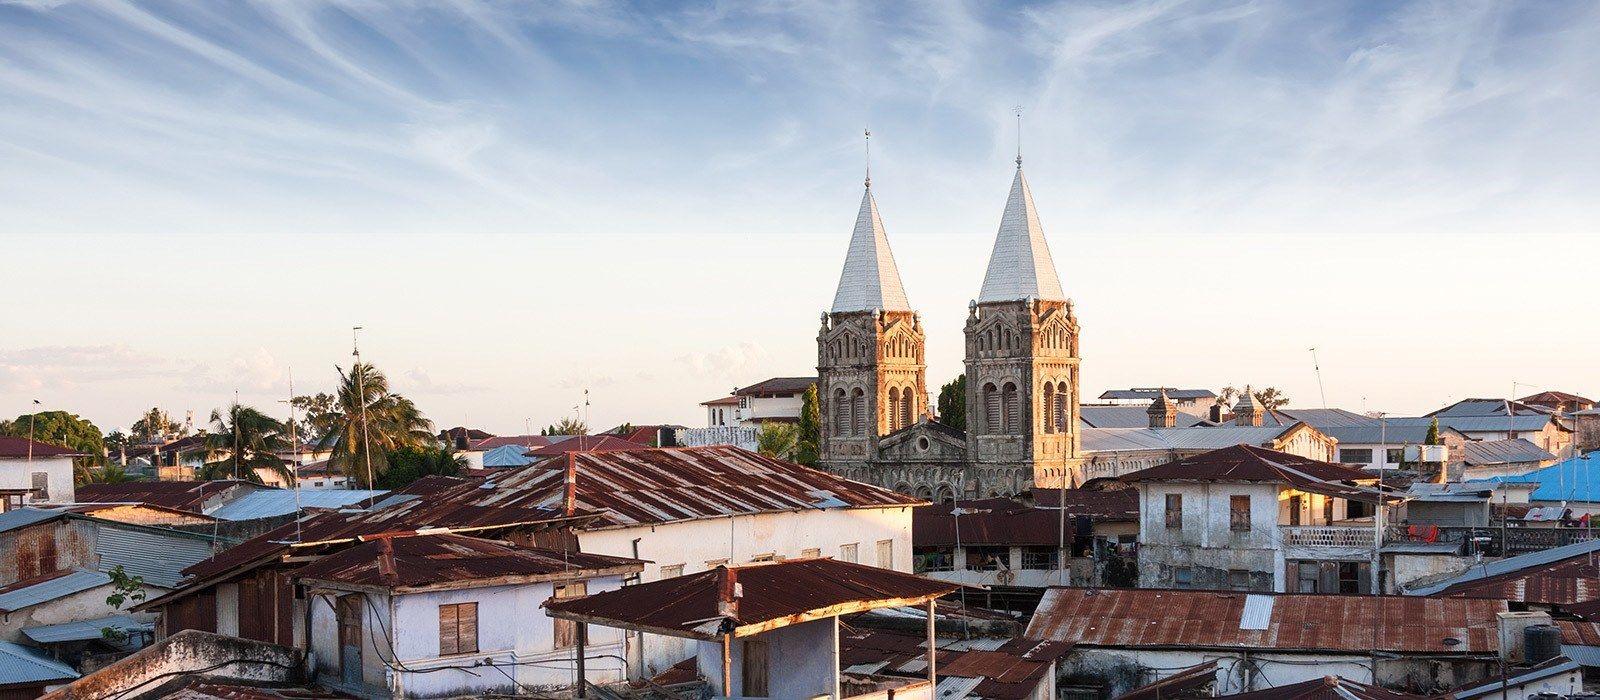 Tanzania: From Kilimanjaro to Zanzibar Tour Trip 6